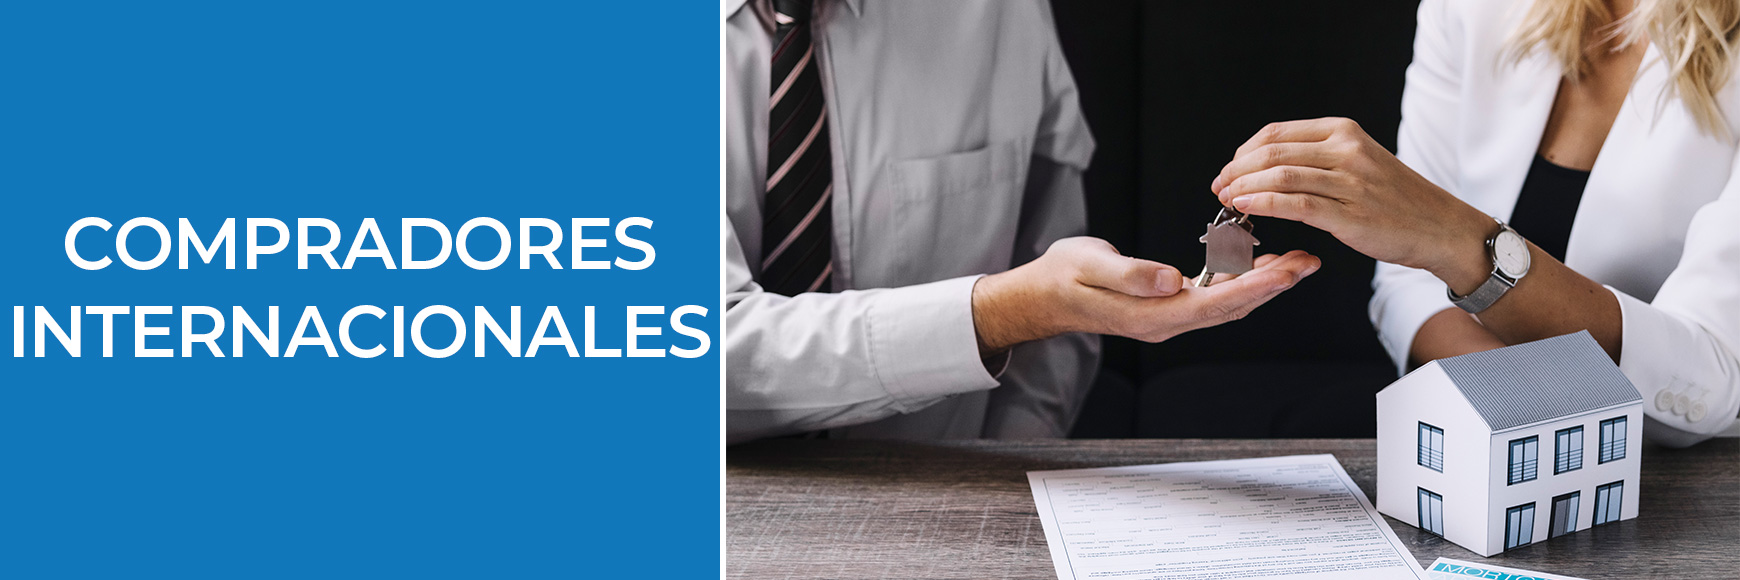 Compradores Internacionales Banner-Orlando Homes Sales